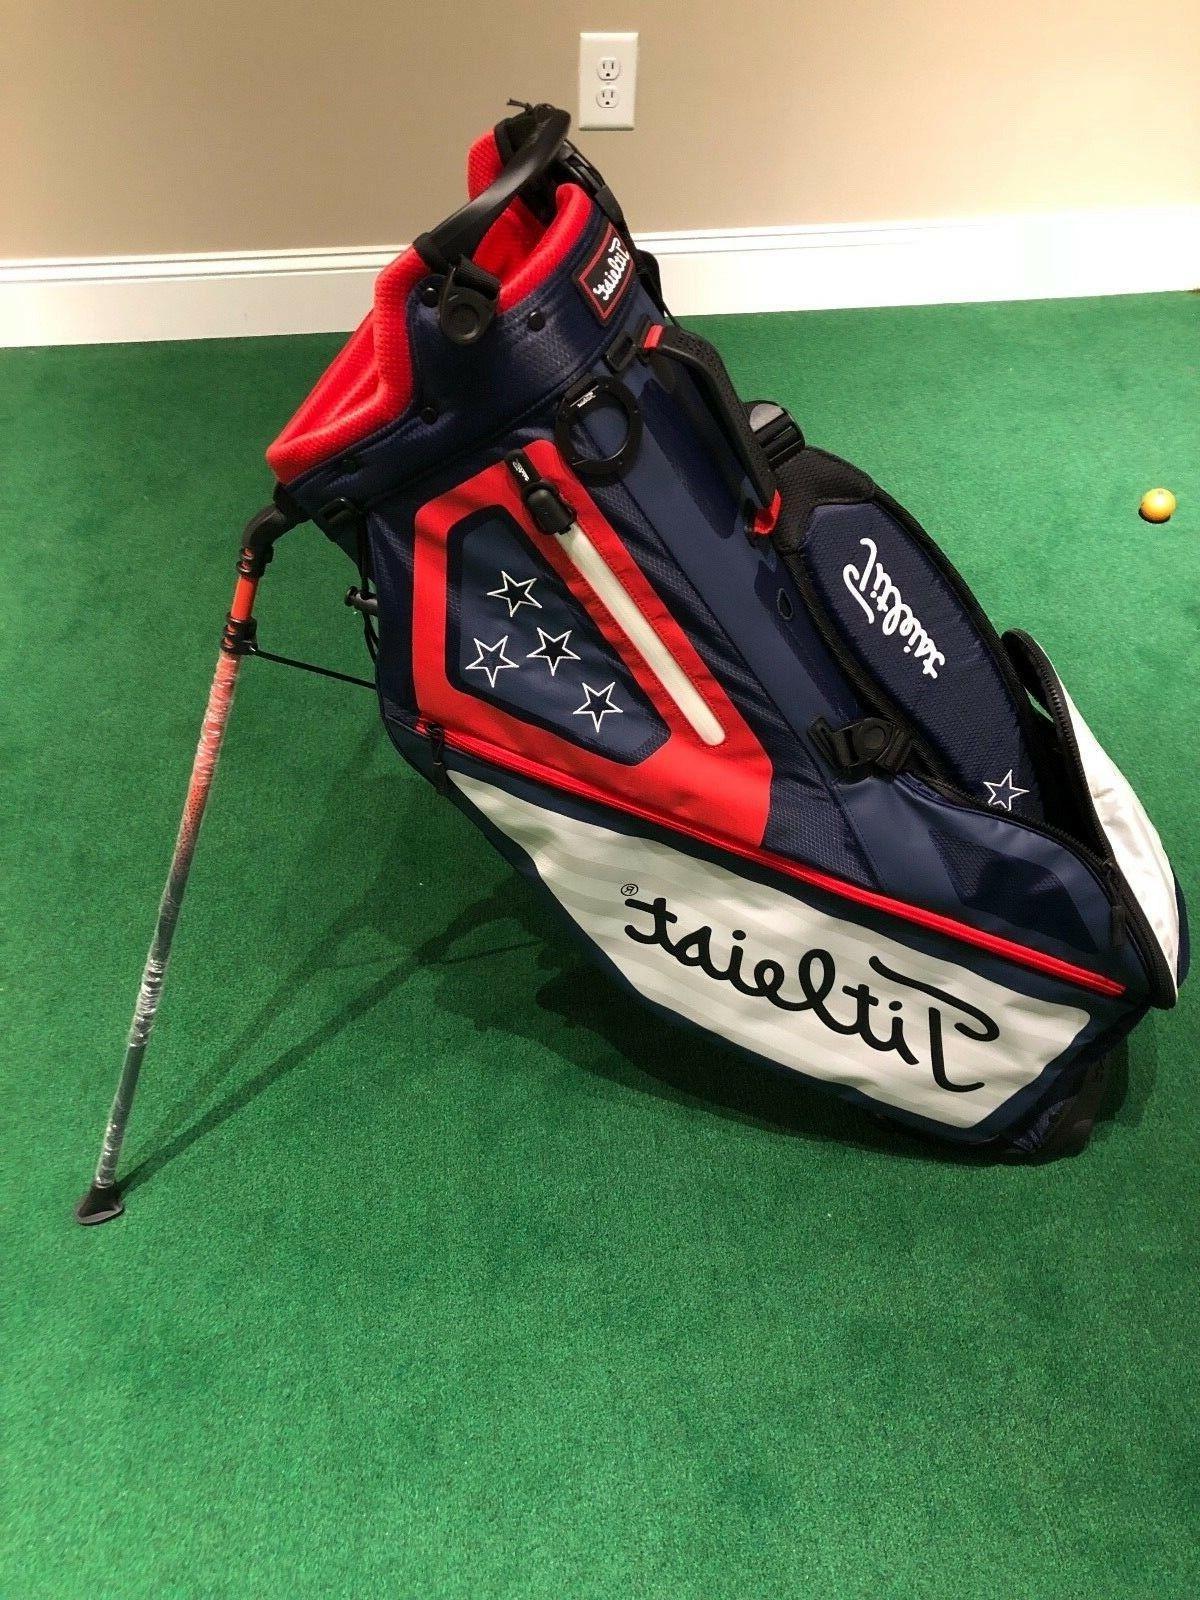 new players 4 usa stand bag golf